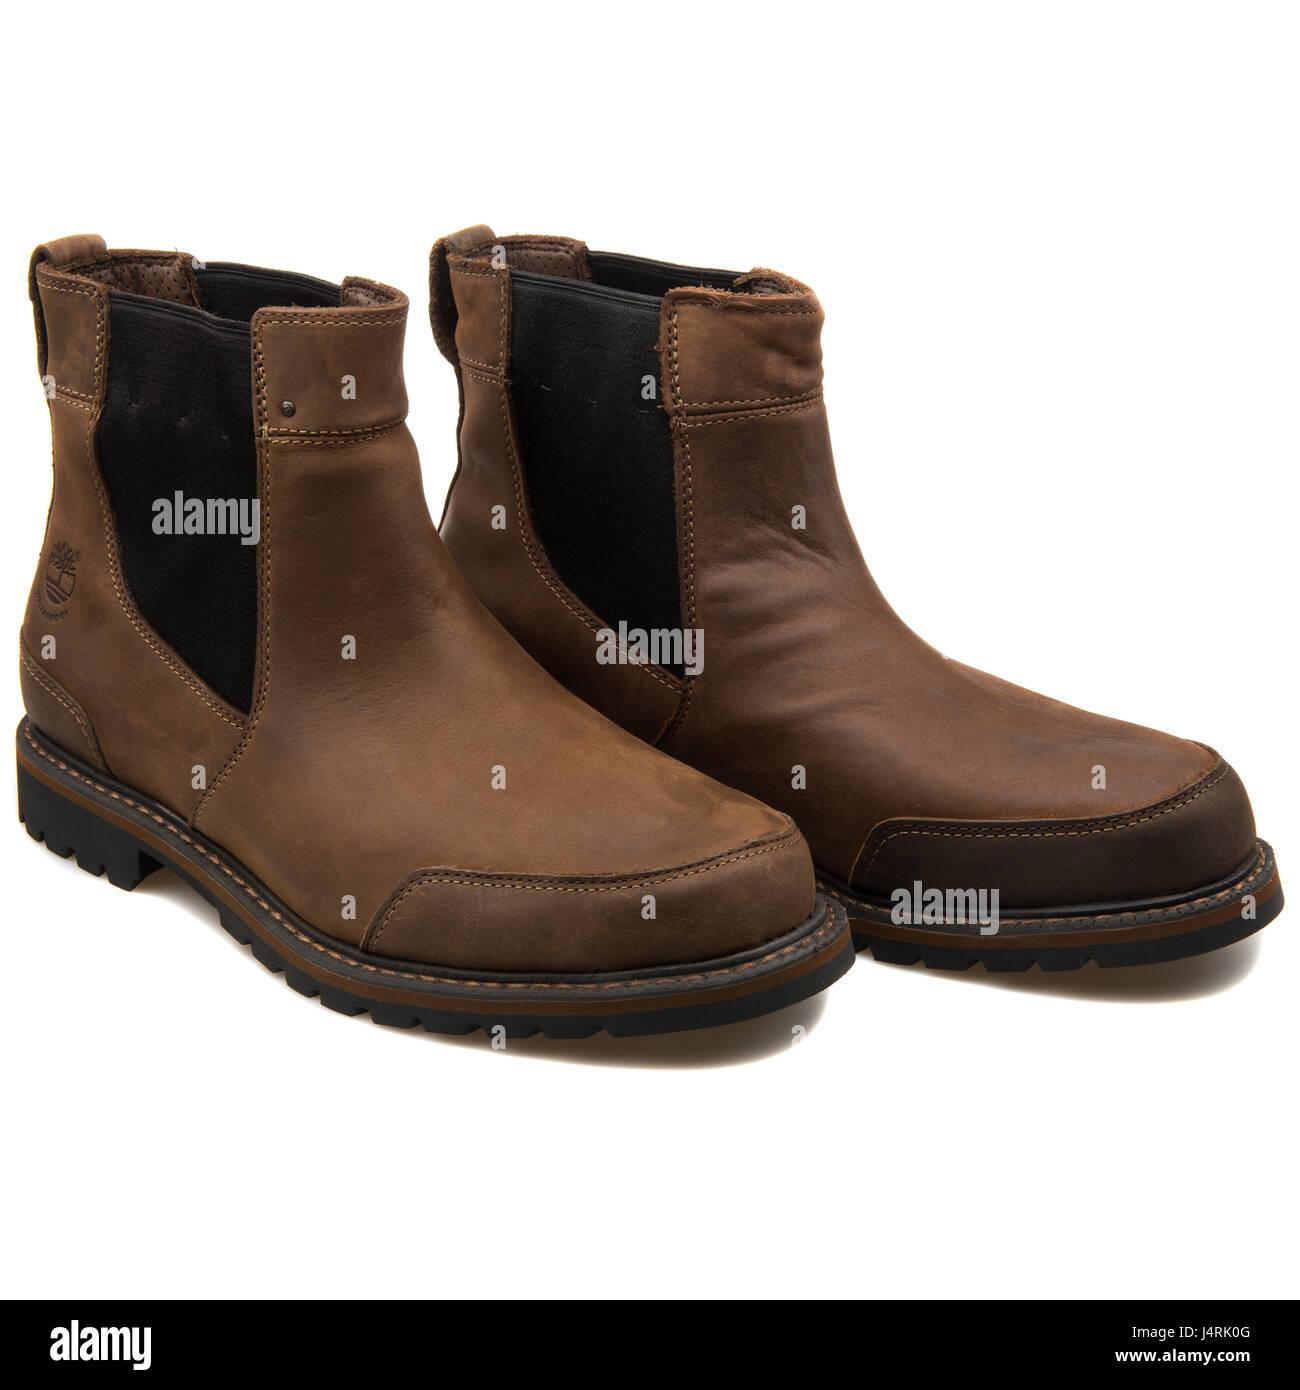 Details zu TMA B Ware Leder Stiefeletten Stiefel Damen Schuhe 5161 6106 6188 5195 7011 5155